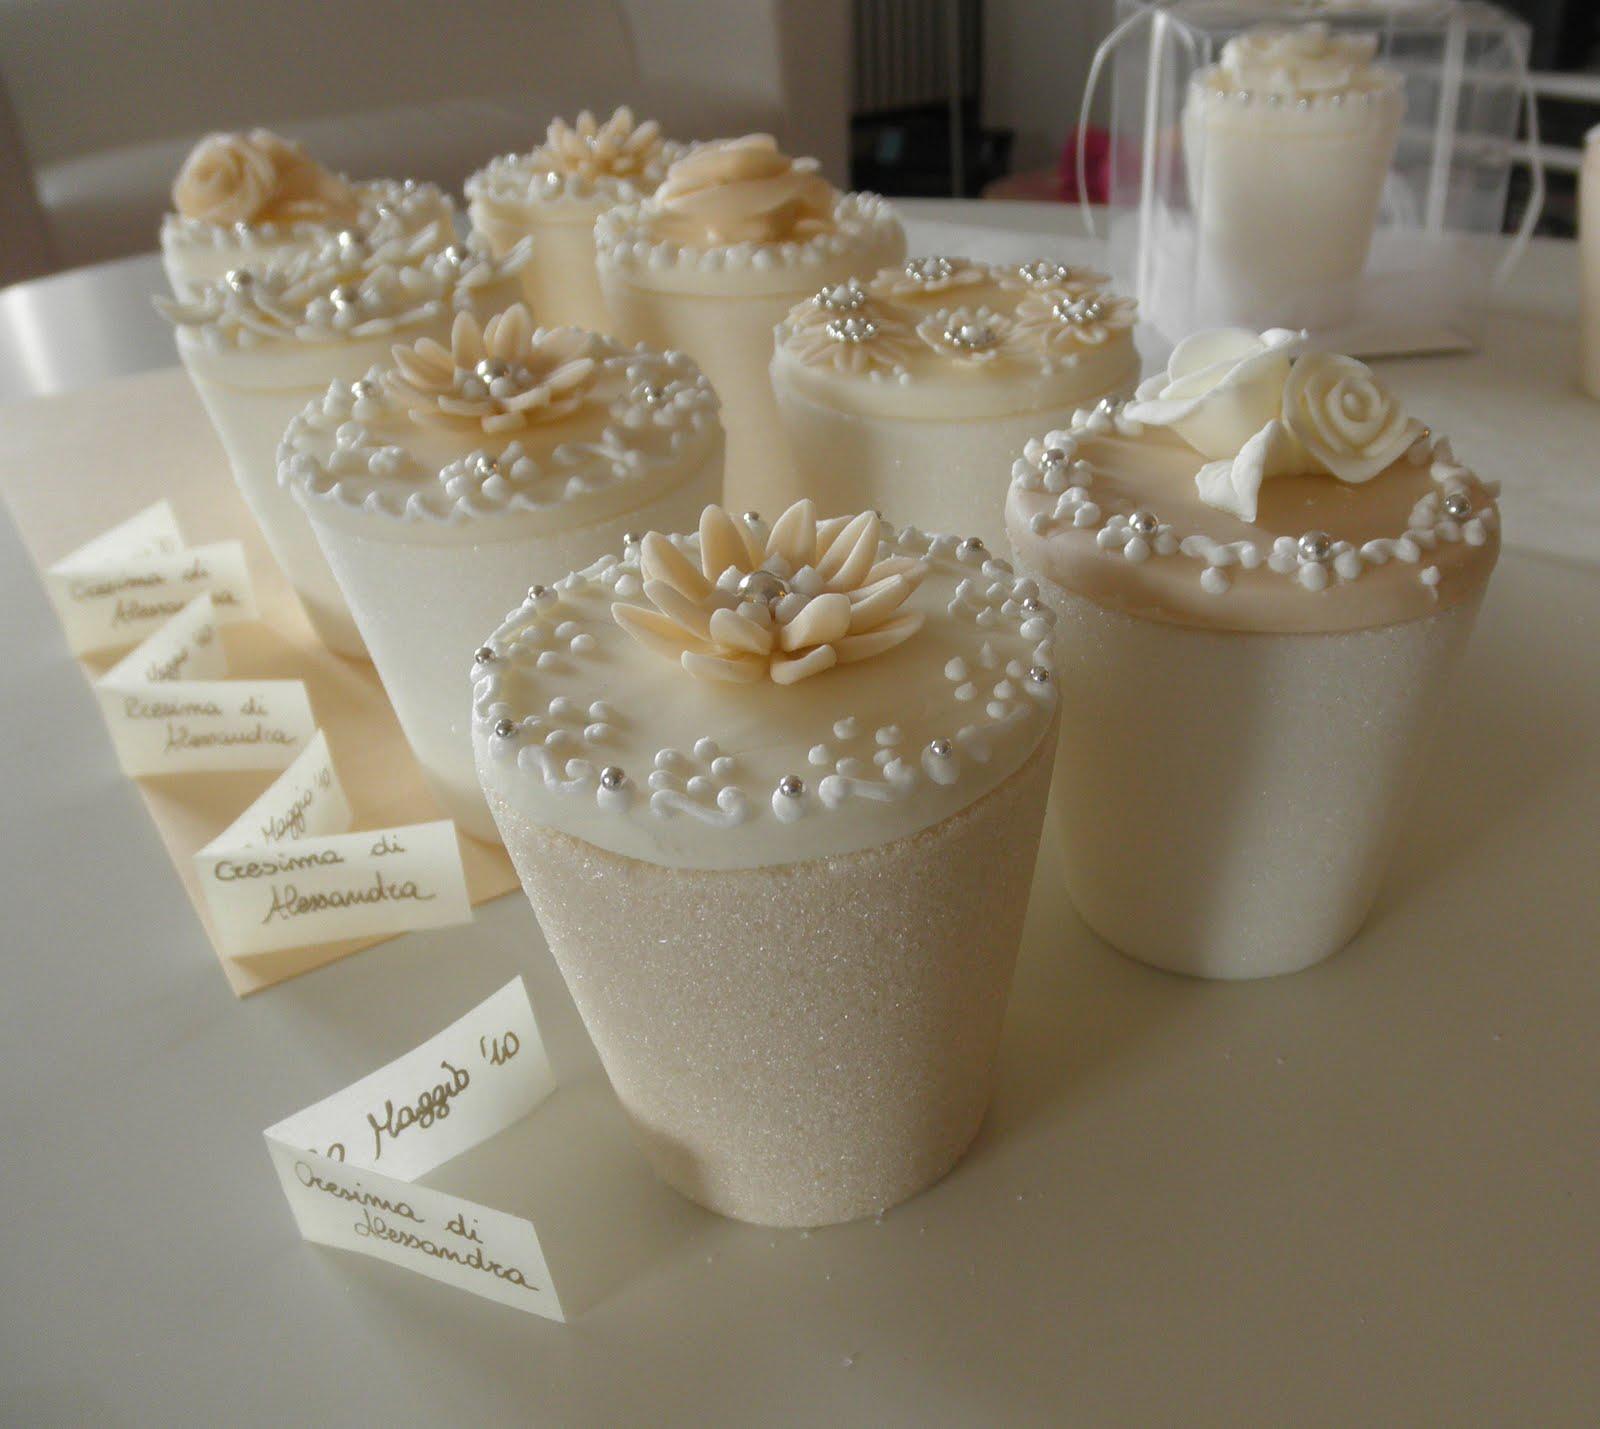 Torte design le bomboniere per la cresima di alessandra - Decorazioni per cresima ...